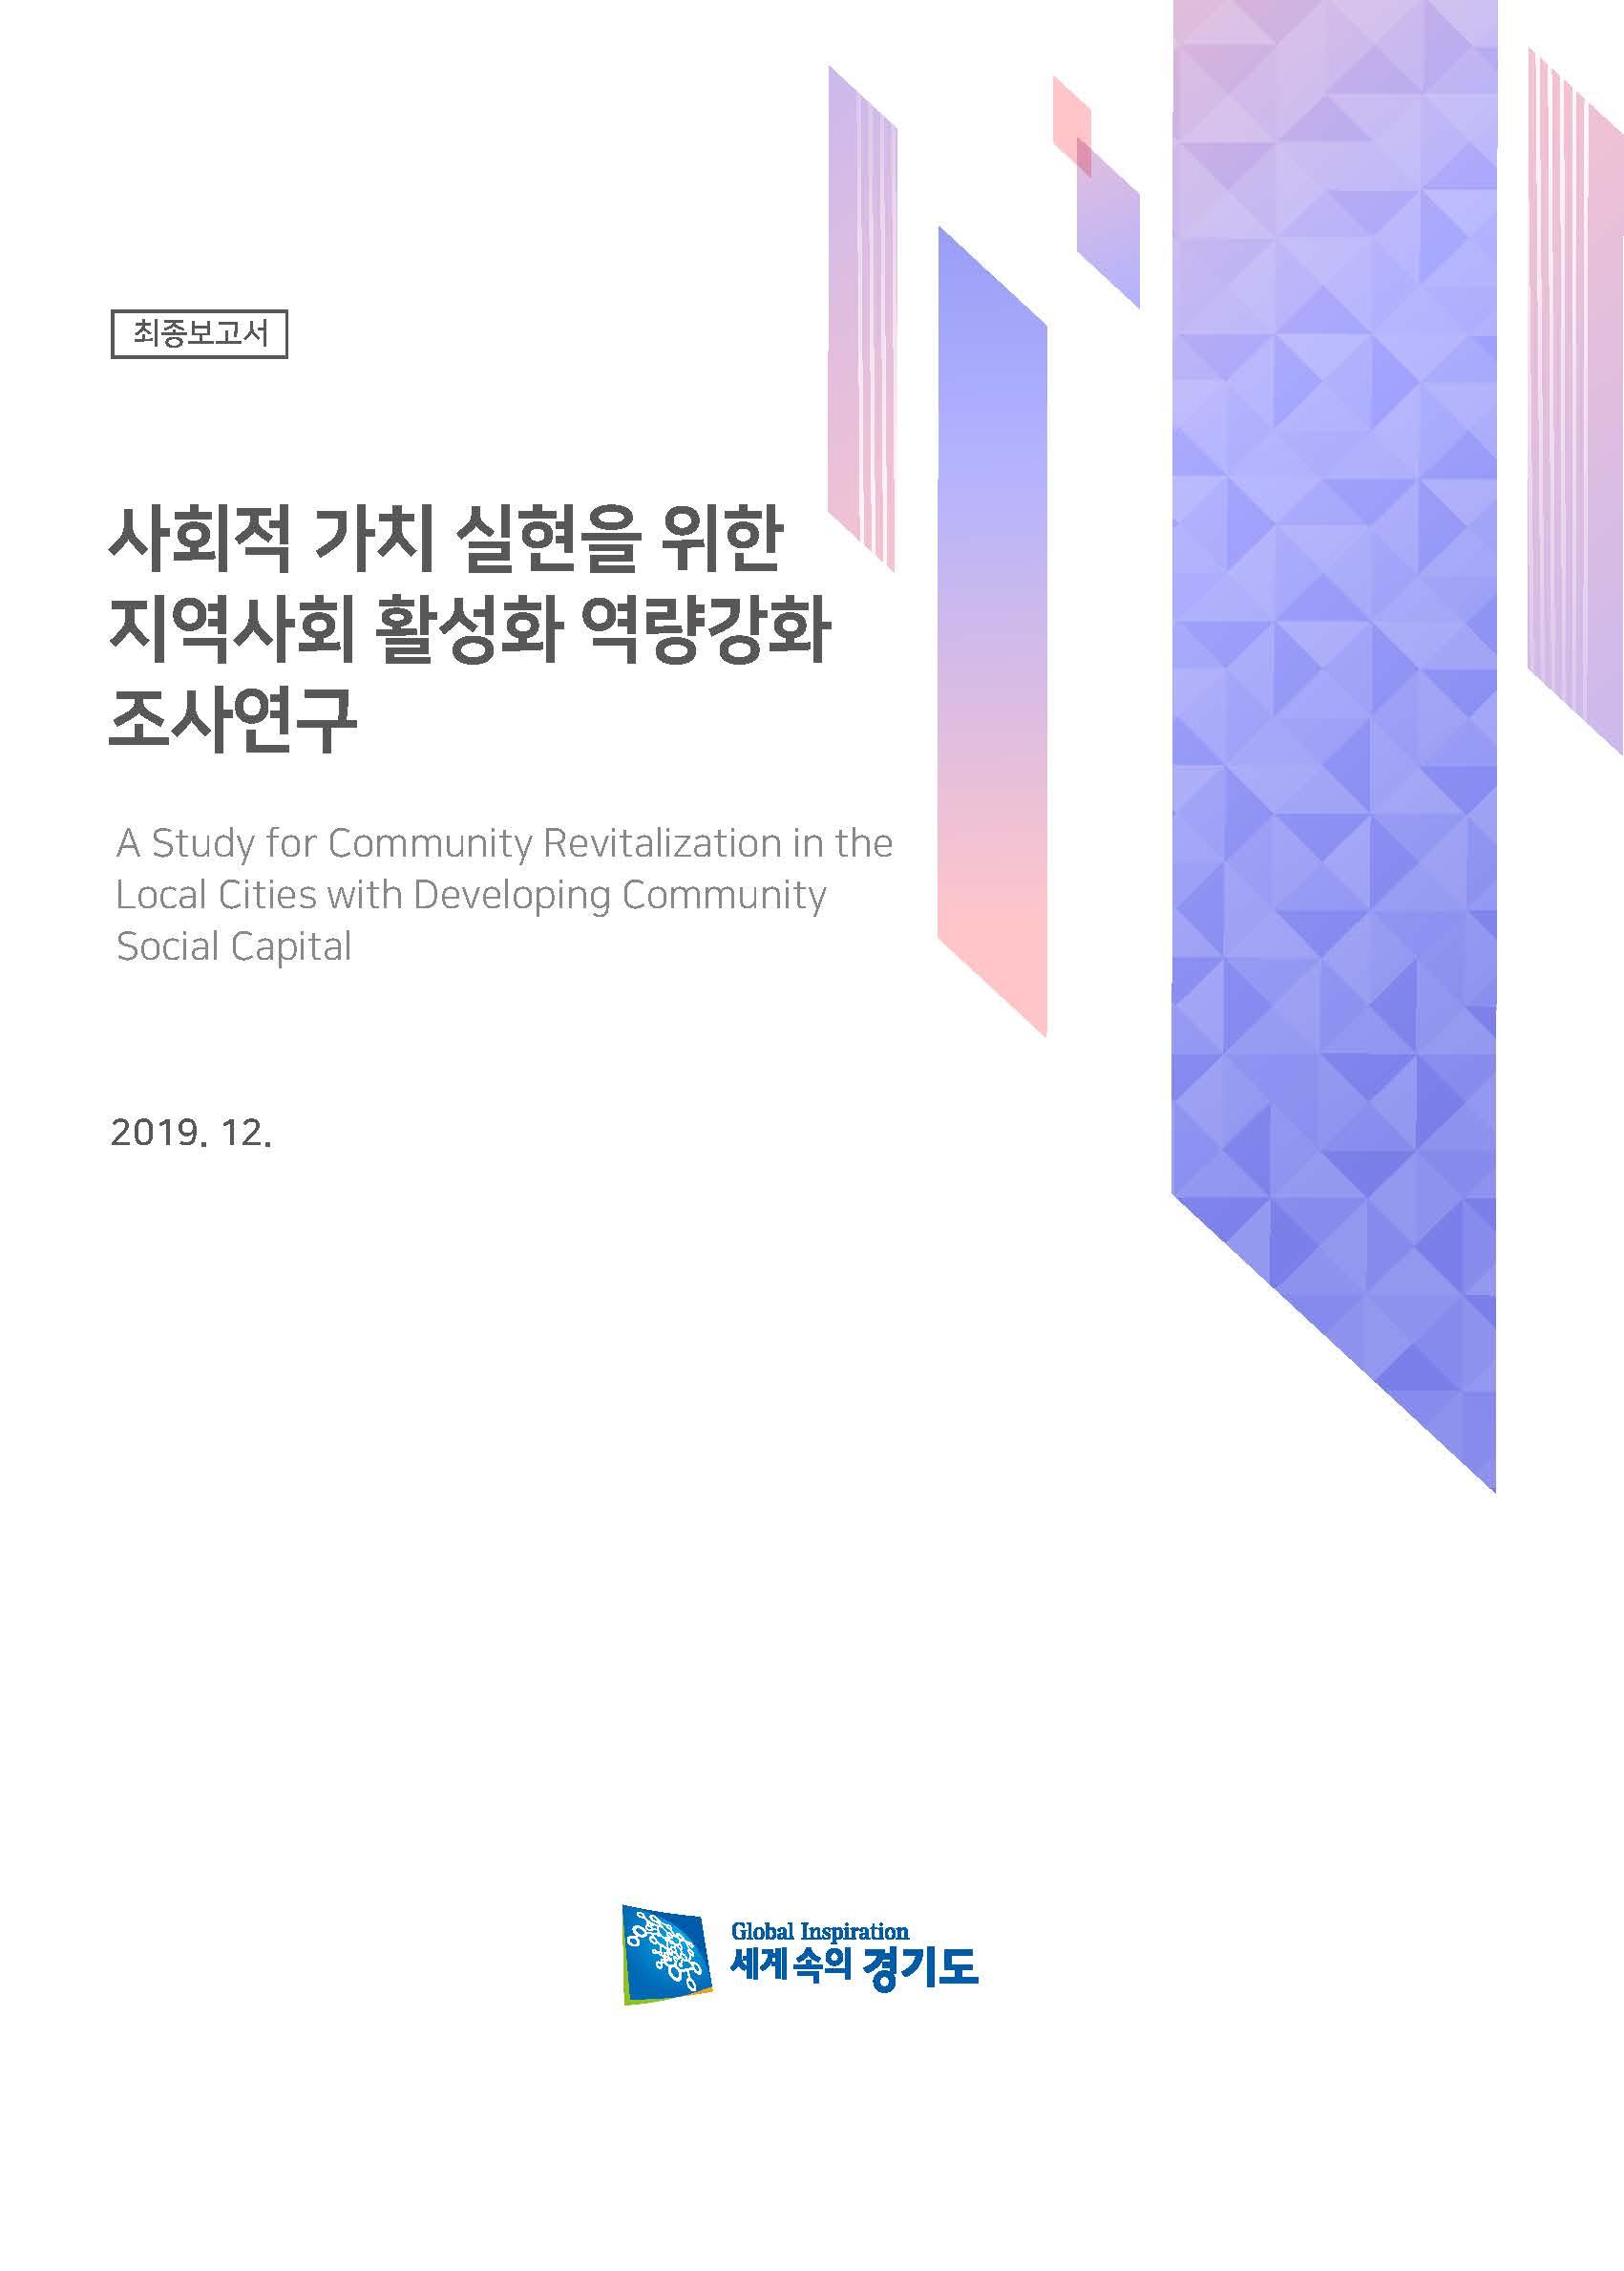 사회적가치 실현을 위한 지역사회 활성화 역량강화 조사연구 image